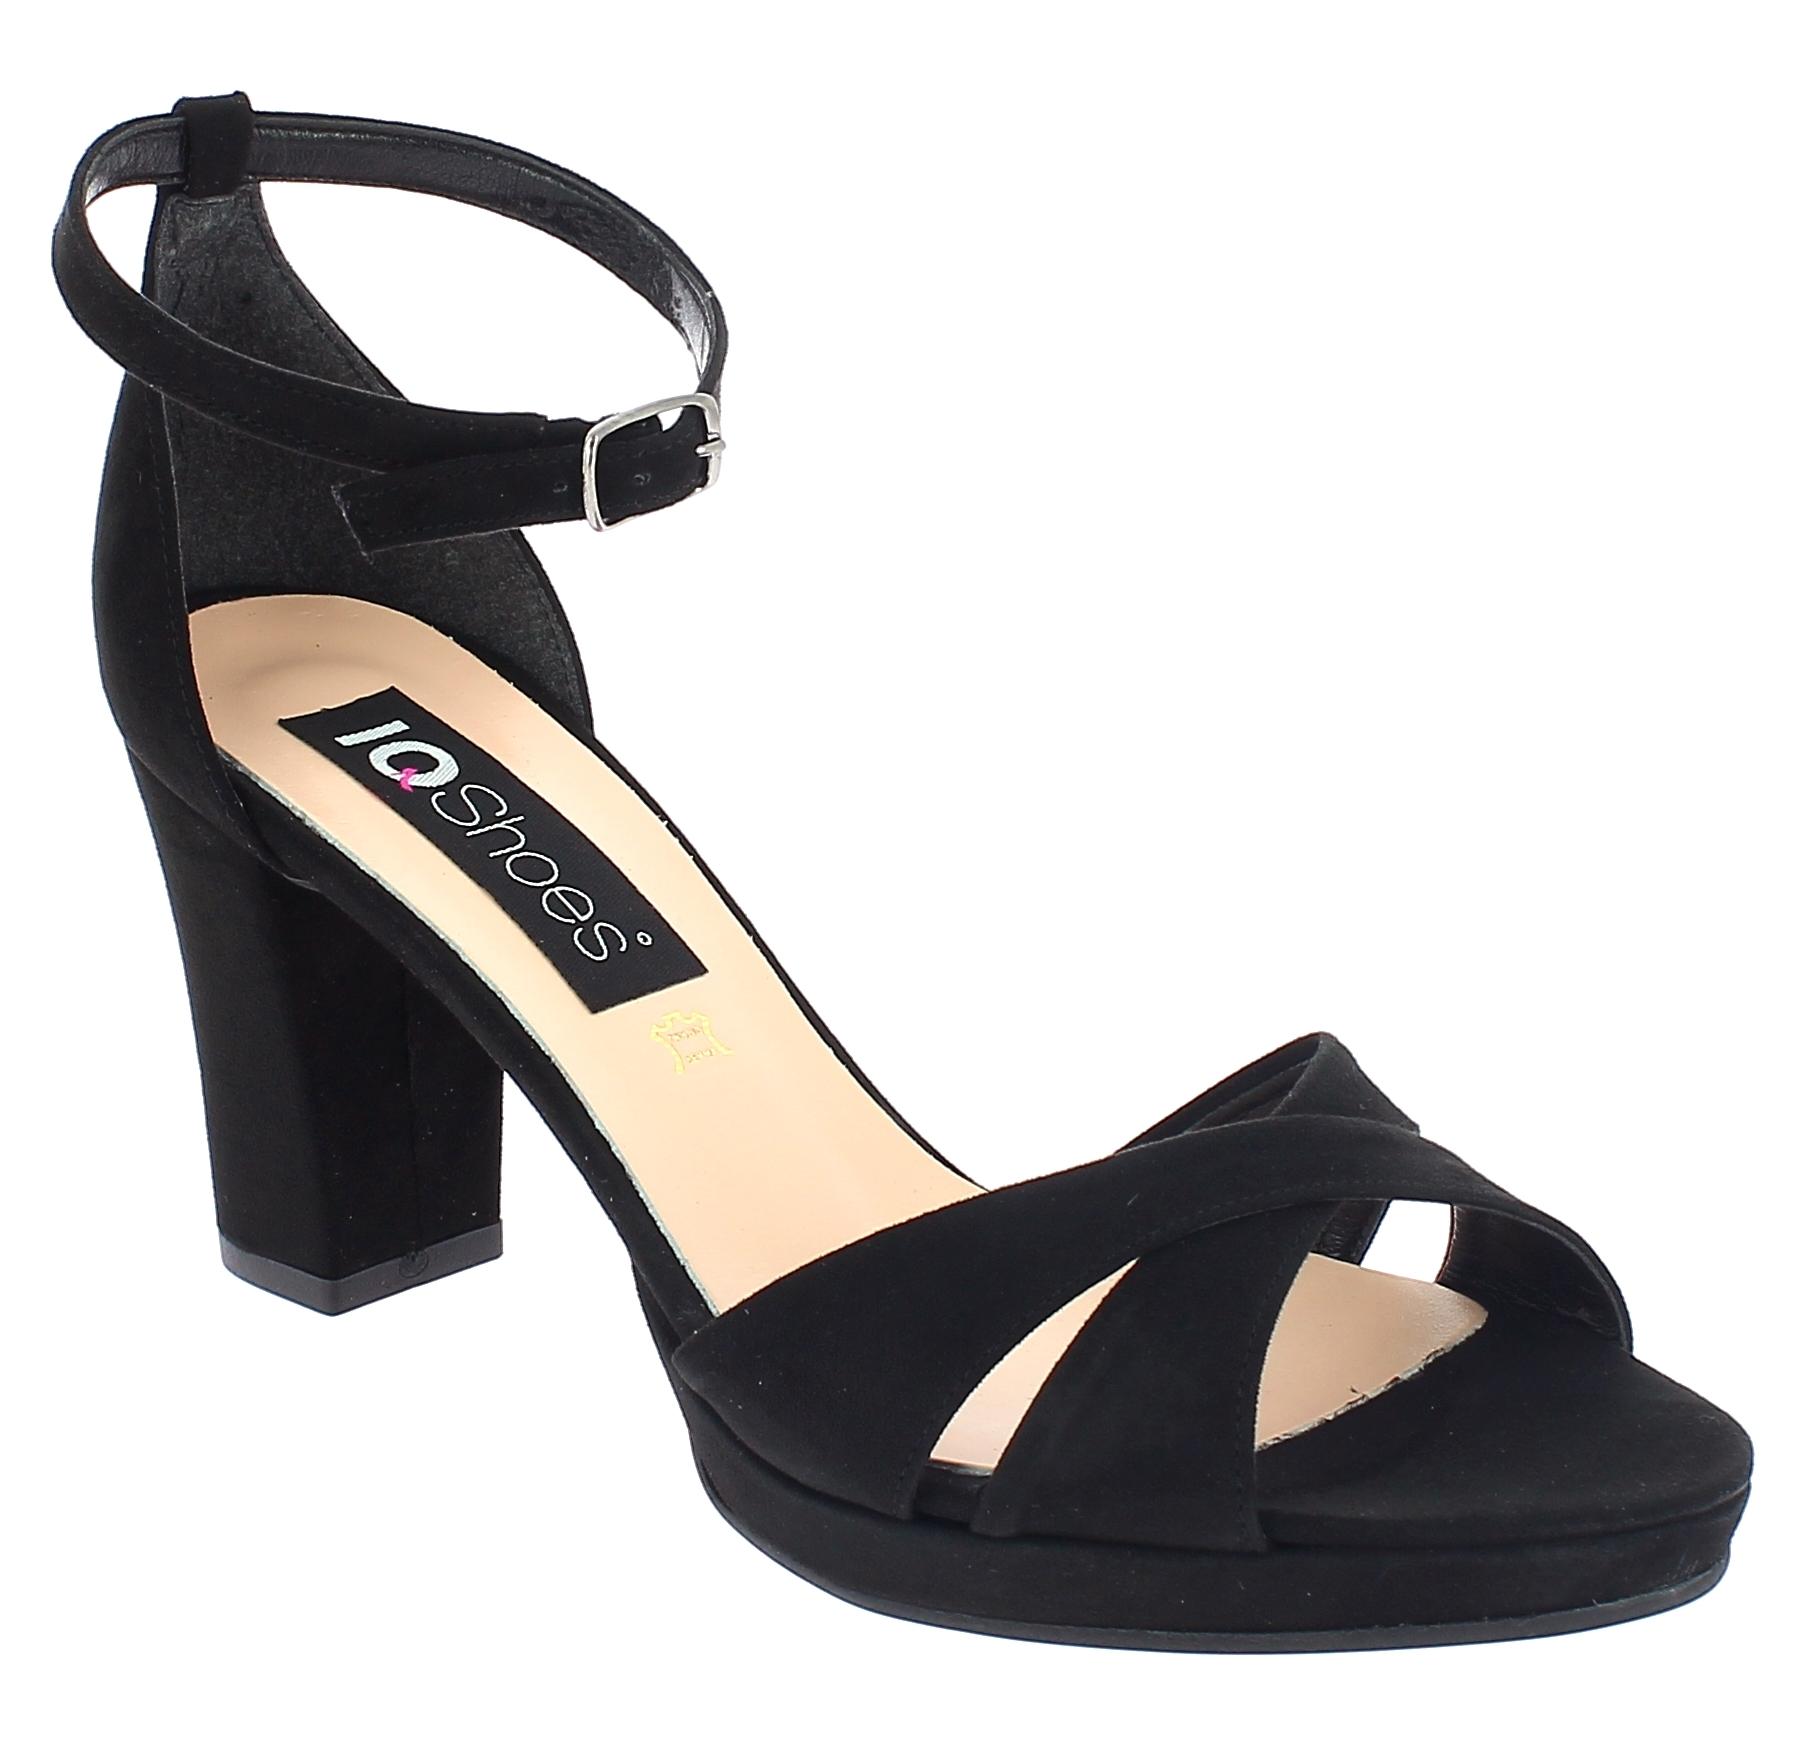 IQSHOES Γυναικείο Πέδιλο 306 Μαύρο - IqShoes - 41.306 BLACK-IQSHOES-black-39/1/1 παπούτσια  γυναικεία σανδάλια   πέδιλα